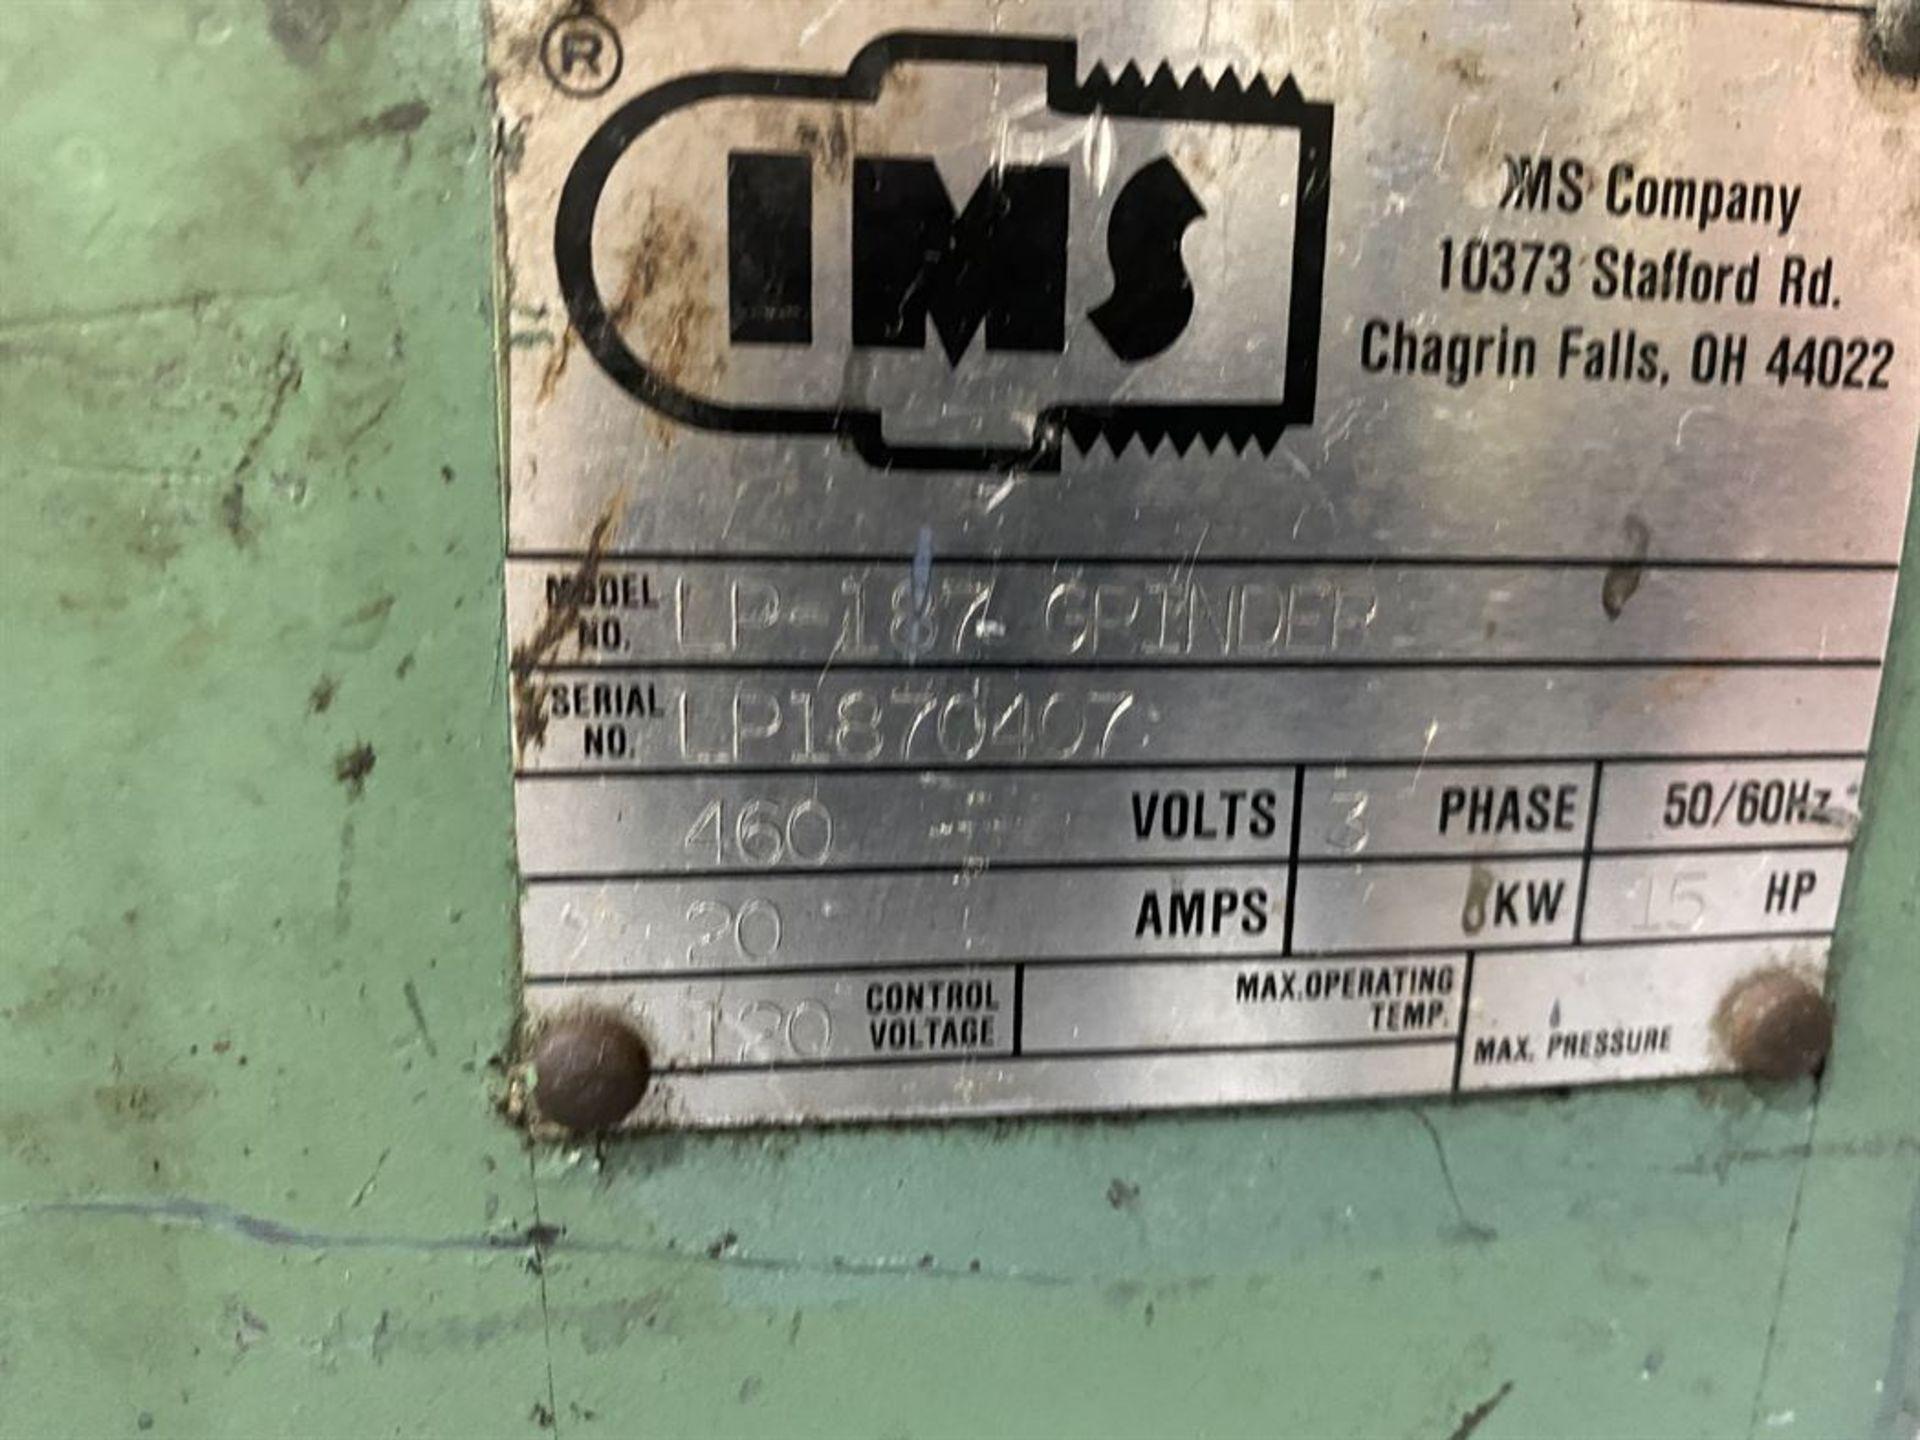 Lot 262 - IMS LP-187 Granulator, s/n LP1870407, 15 HP